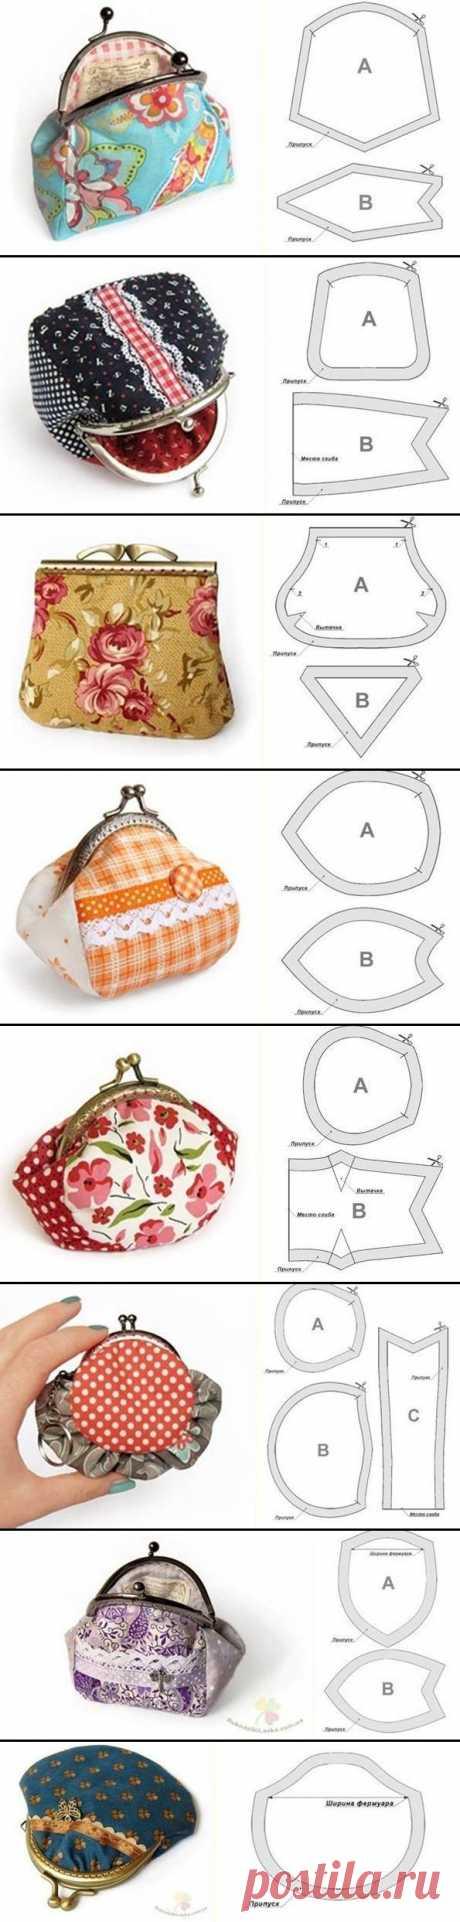 Los patrones de las bolsas y los portamonedas, la elección de la foto por el uso de las manecillas. - la costura y el dibujo. - las Clases maestras - Kalinkapolinka